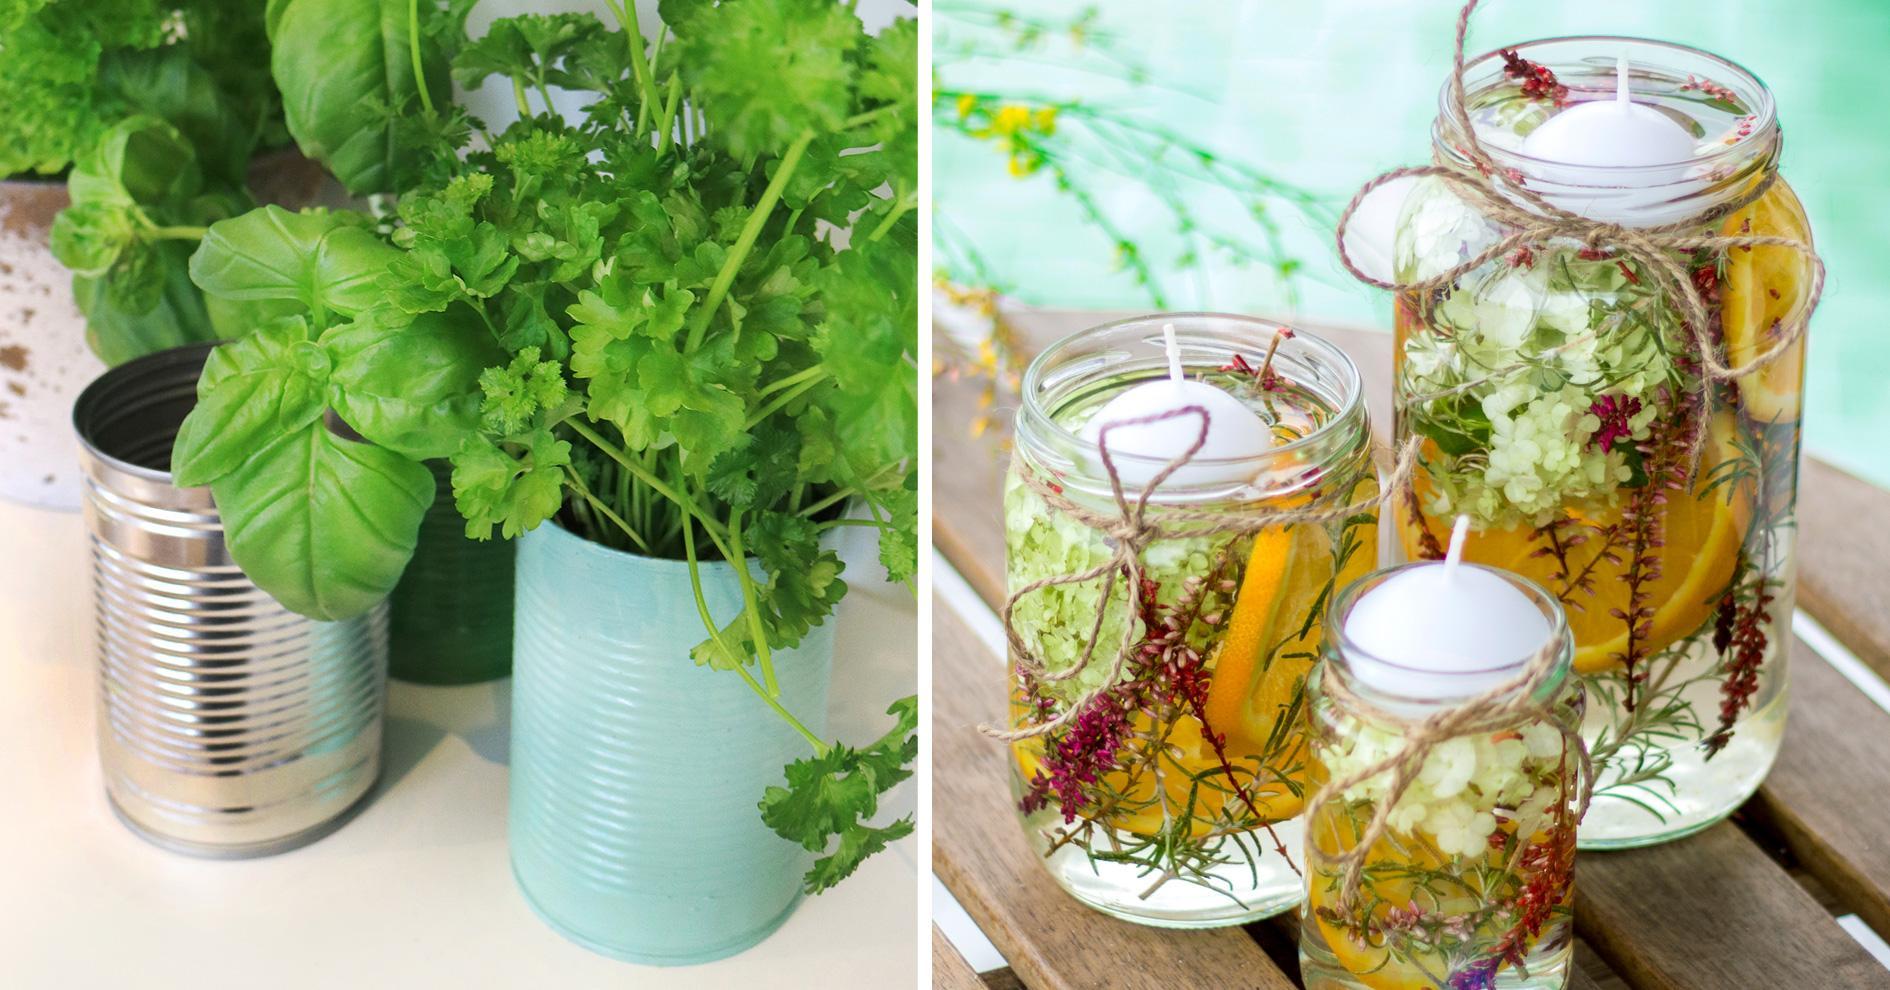 DIY-Ideen mit Dosen & Gläsern von Dr. Goerg